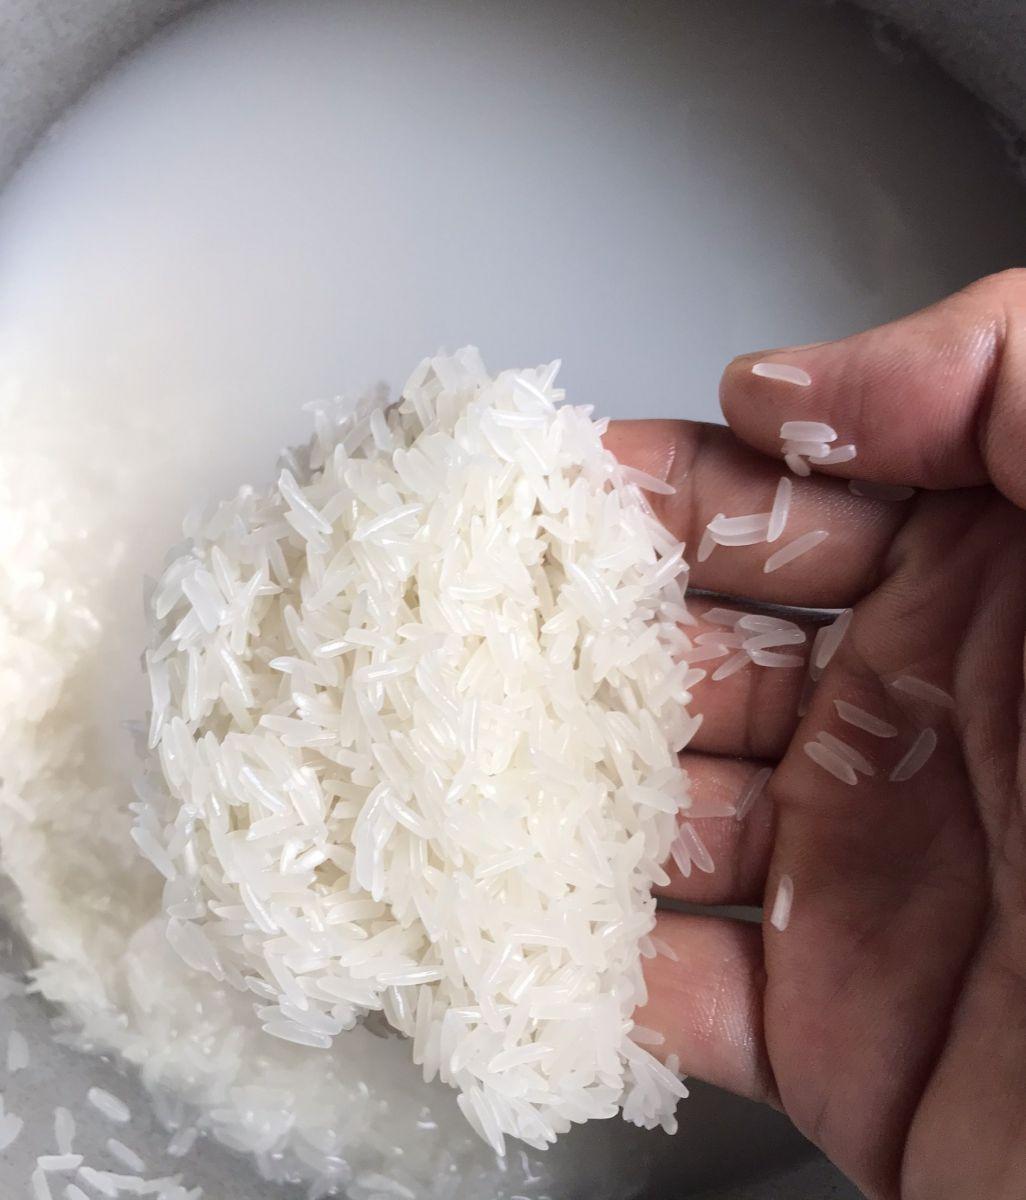 Vo gạo thơm đặc sản Thiên Vương